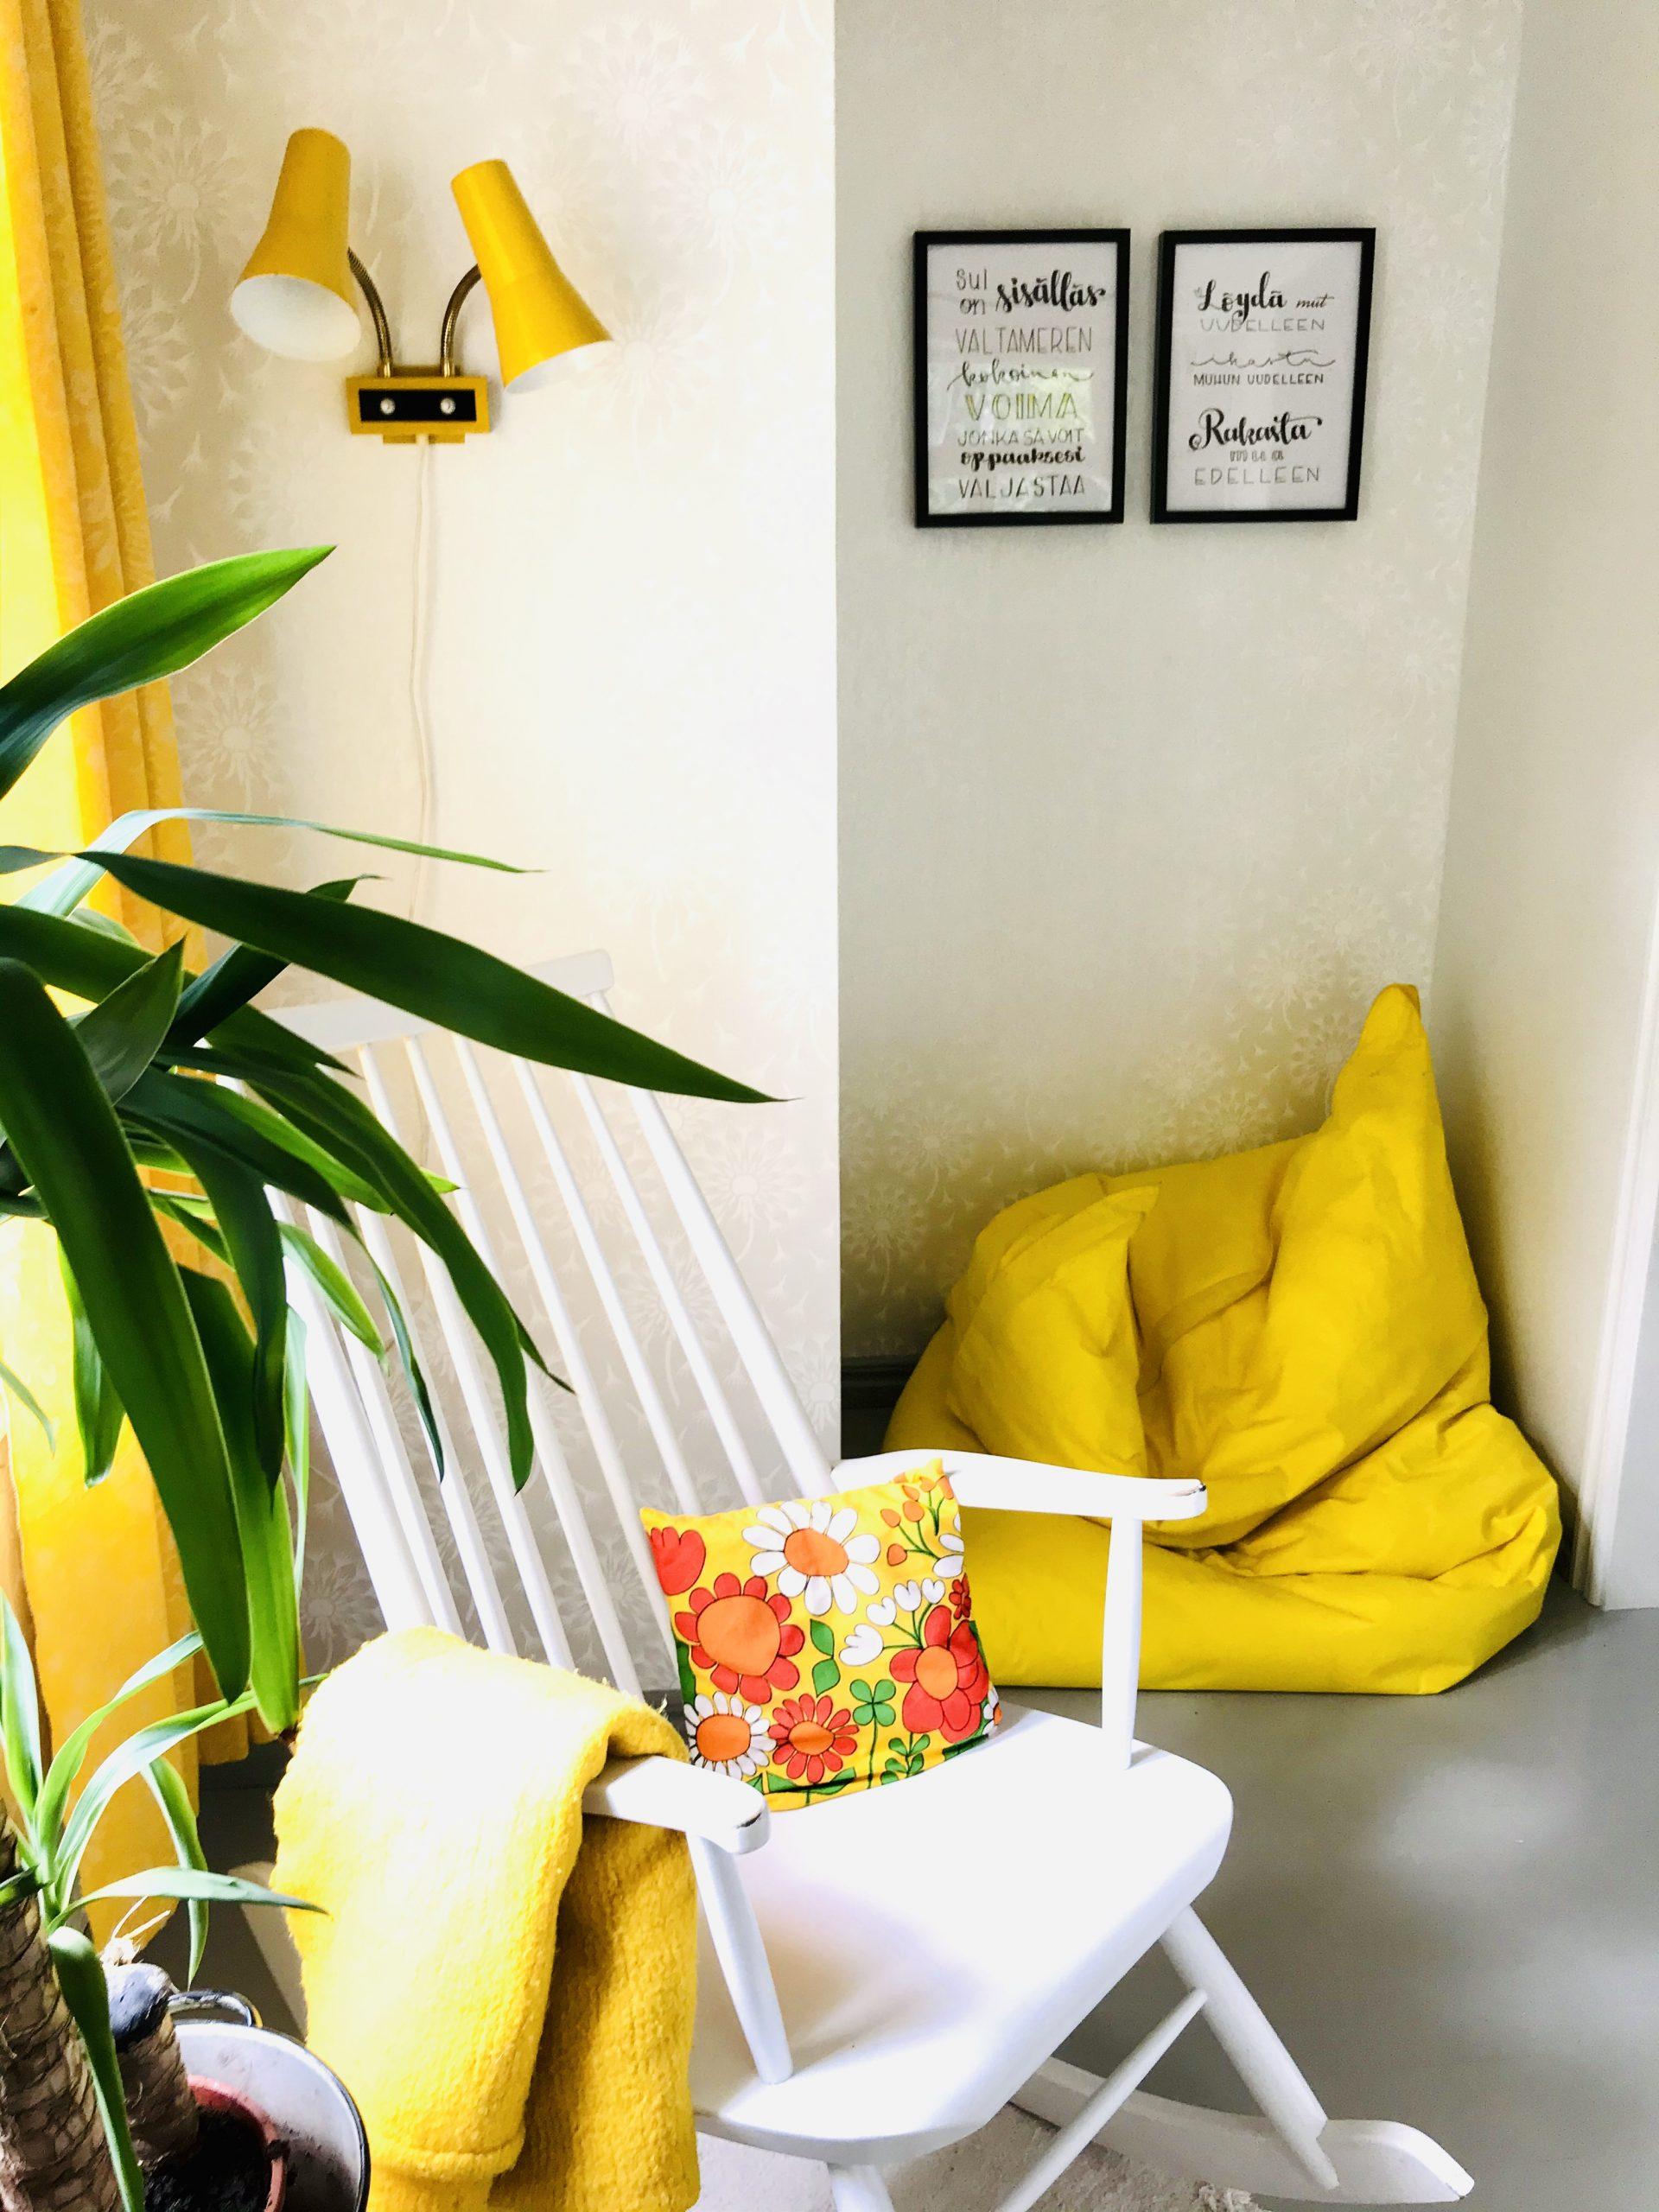 Elluyellow keltainen työhuone, Kaikulettering taulu